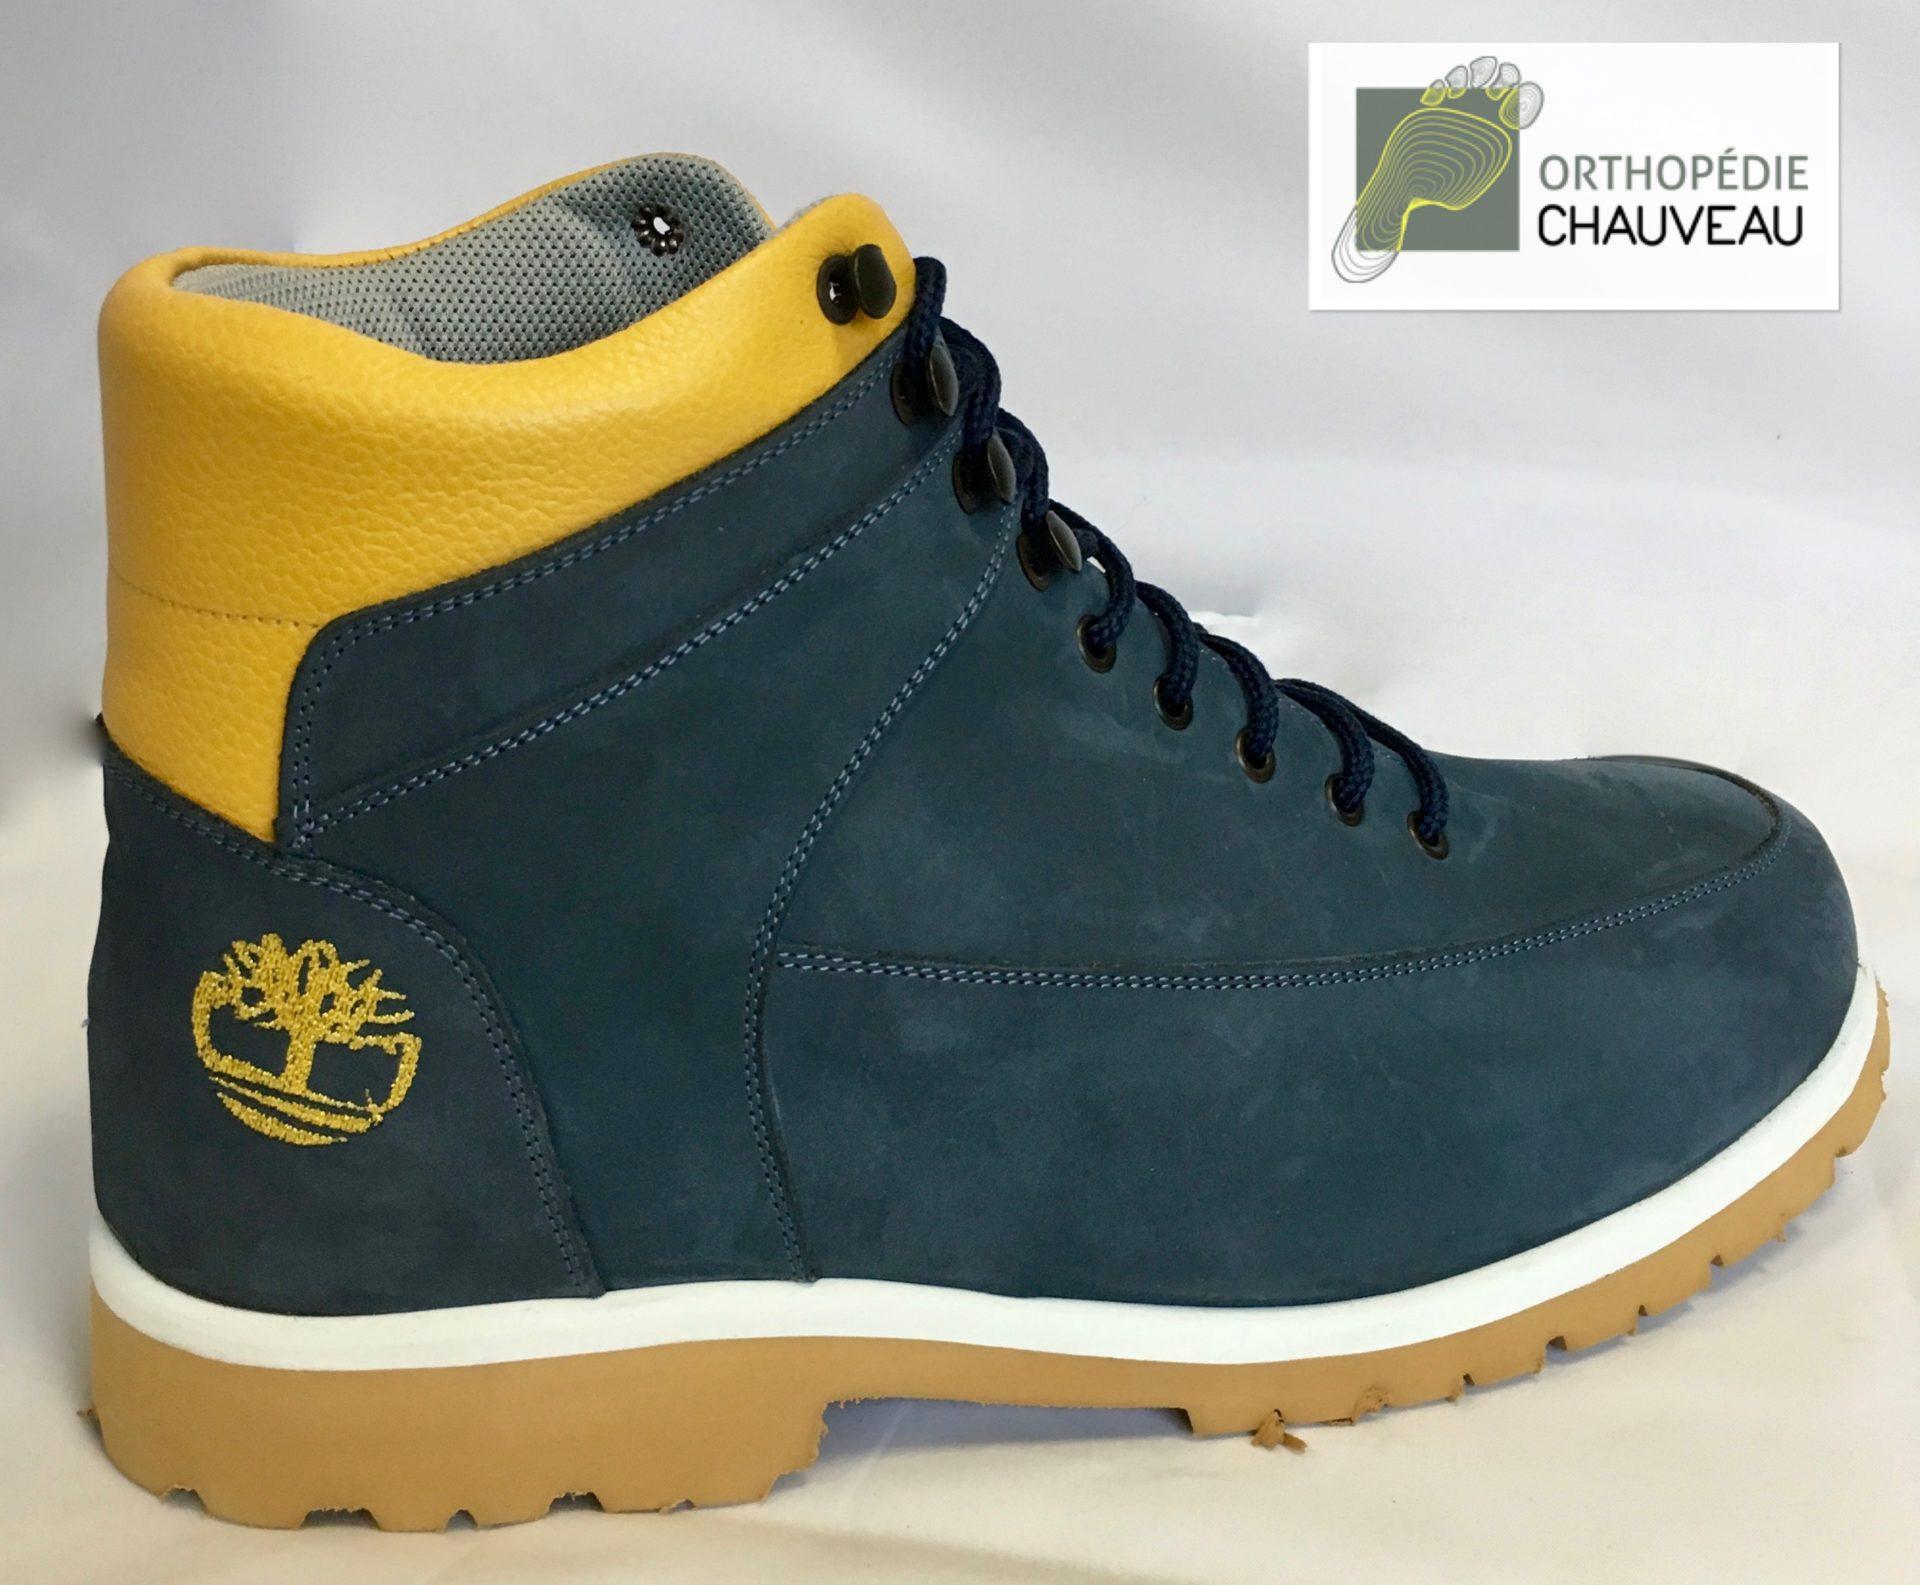 chaussures orthopédiques rennes marque